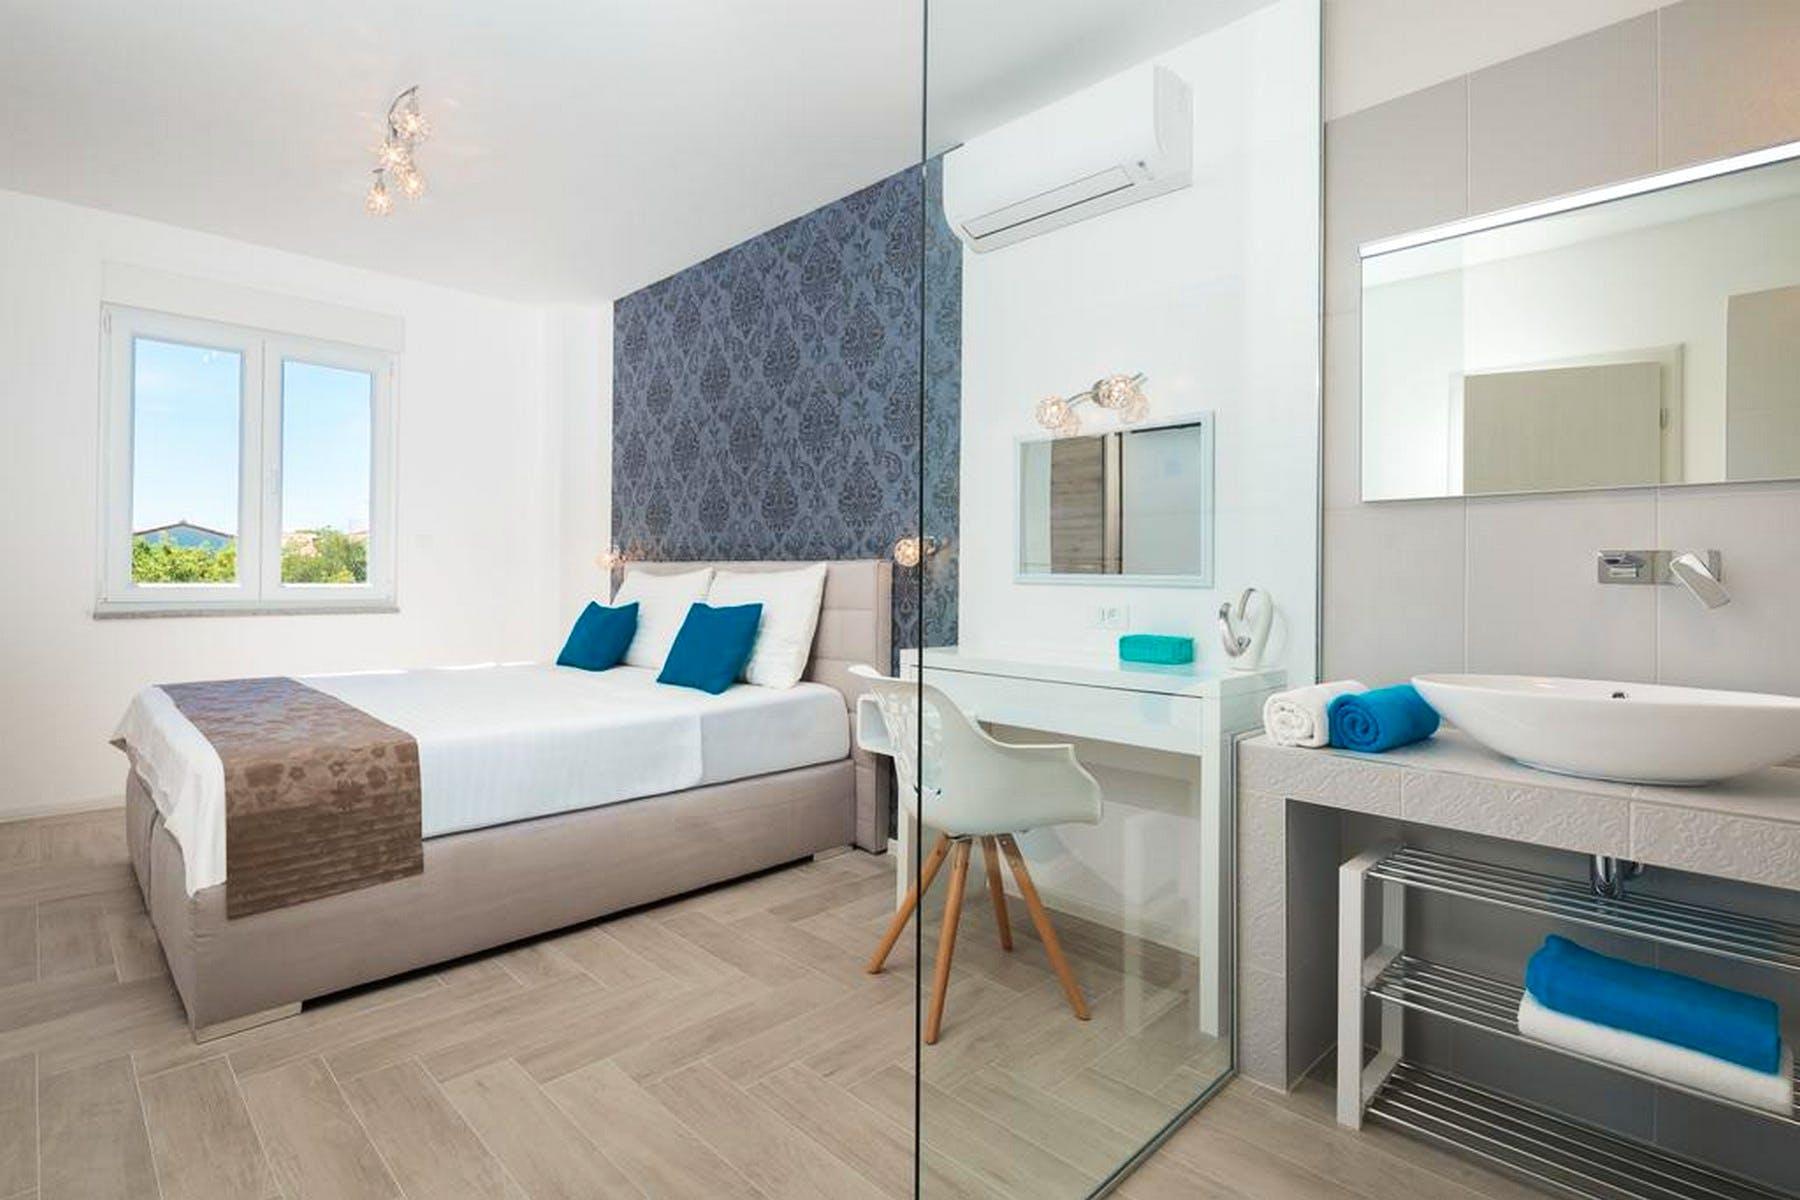 Modern ensuite bedroom